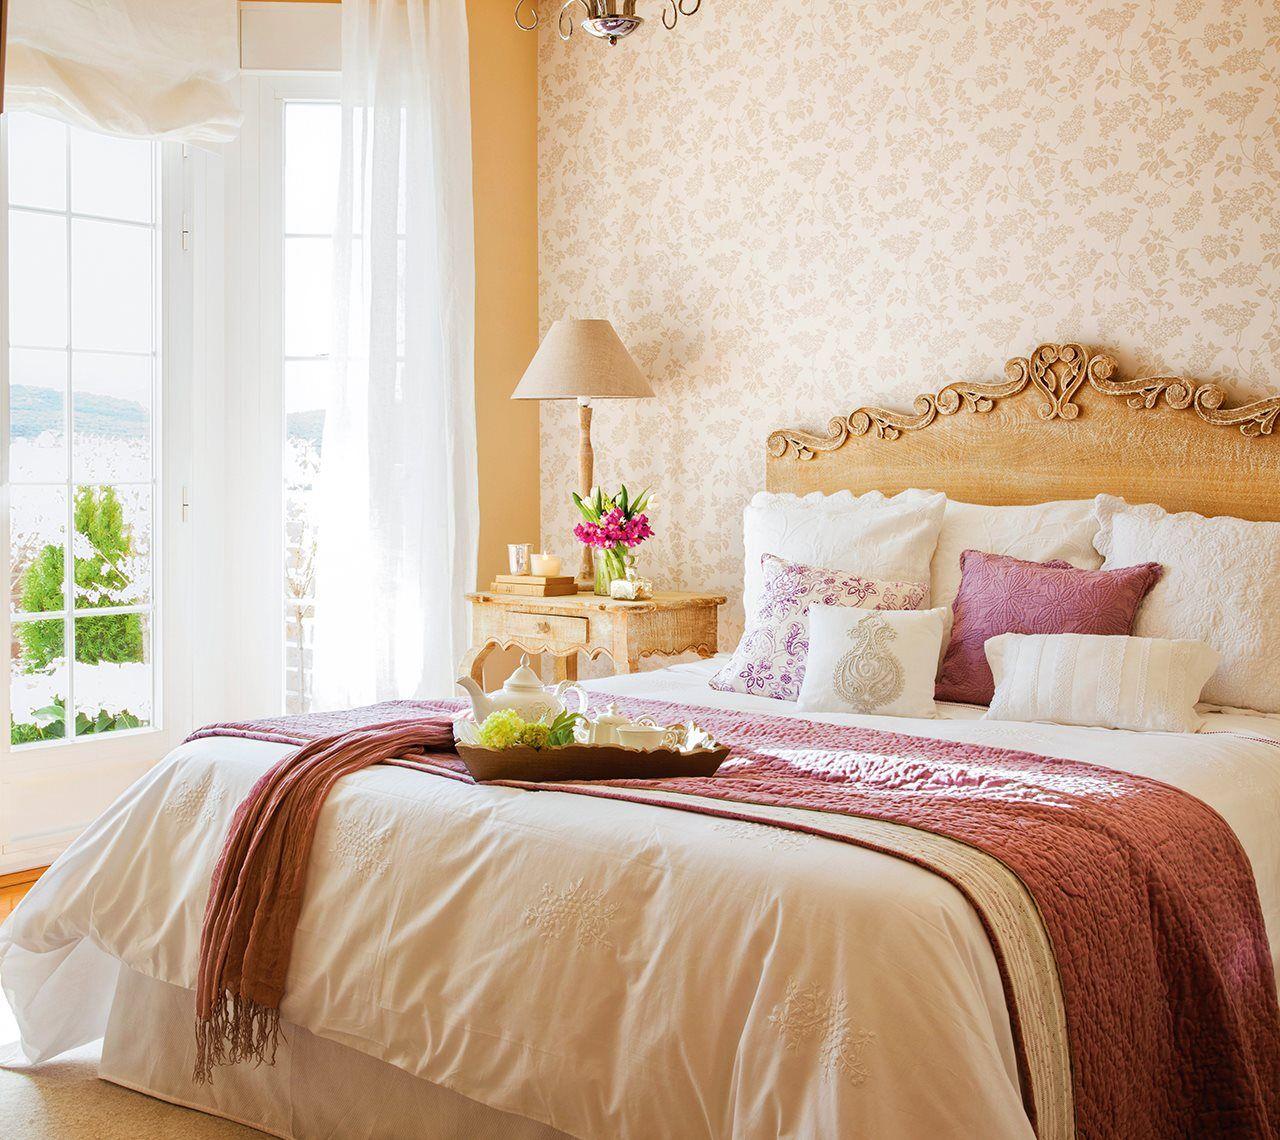 Y el ganador del cambio de look es el dormitorio - Dormitorio malva ...